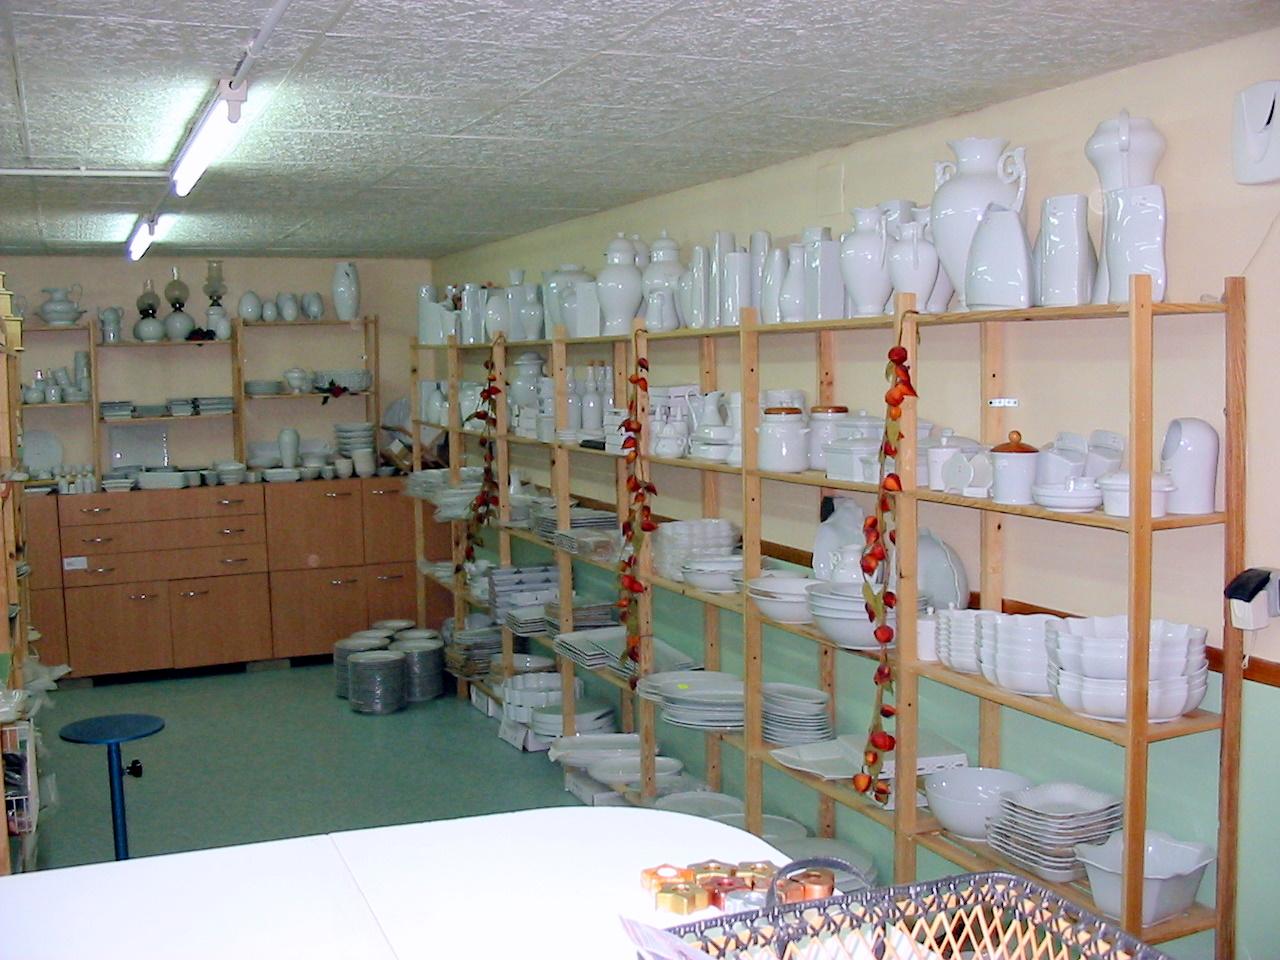 La boutique de porcelaine blanche - La porcelaine blanche ...